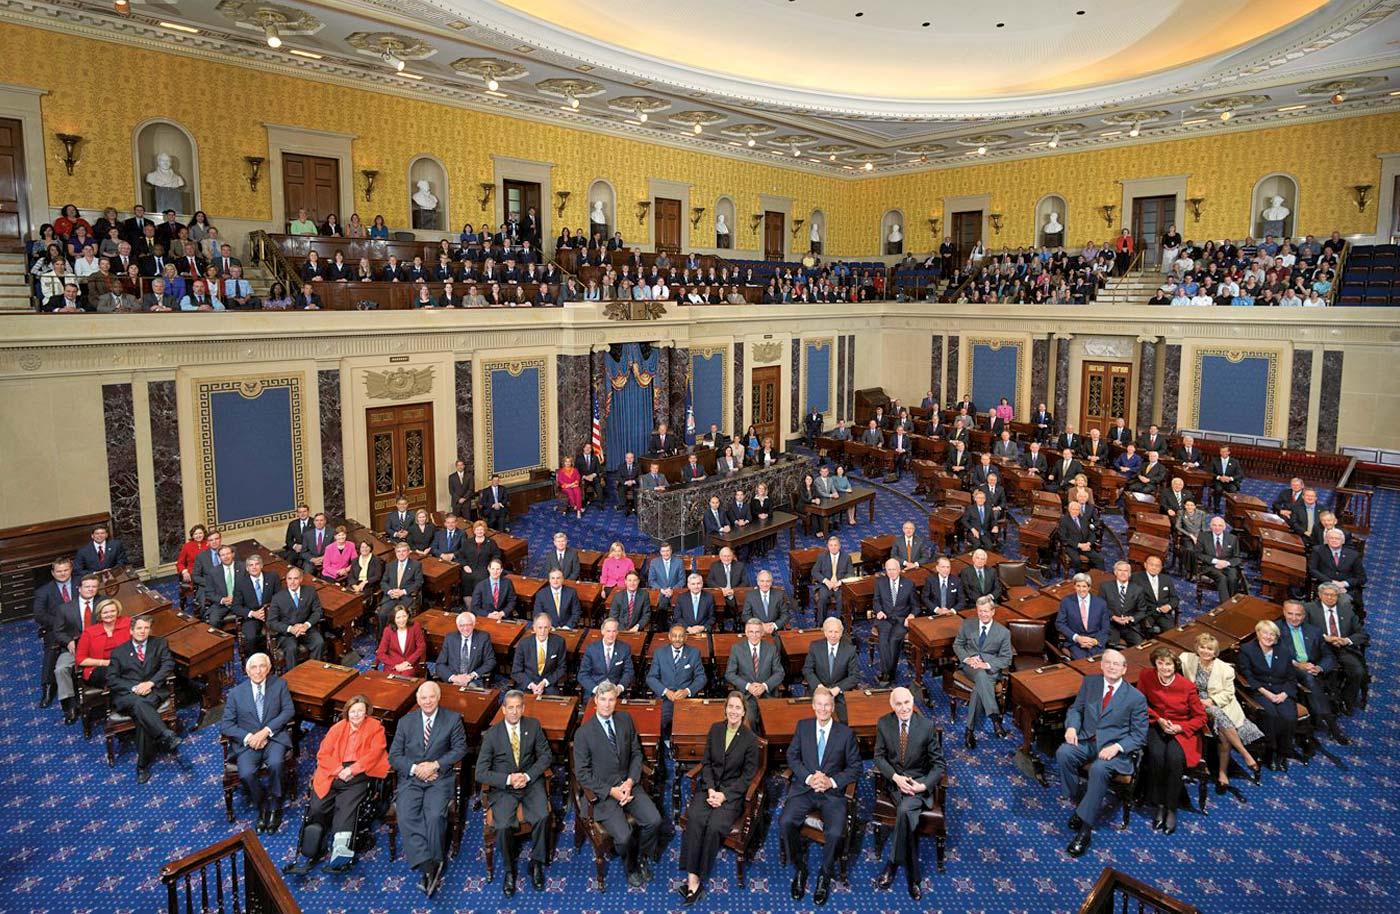 アメリカ合衆国上院